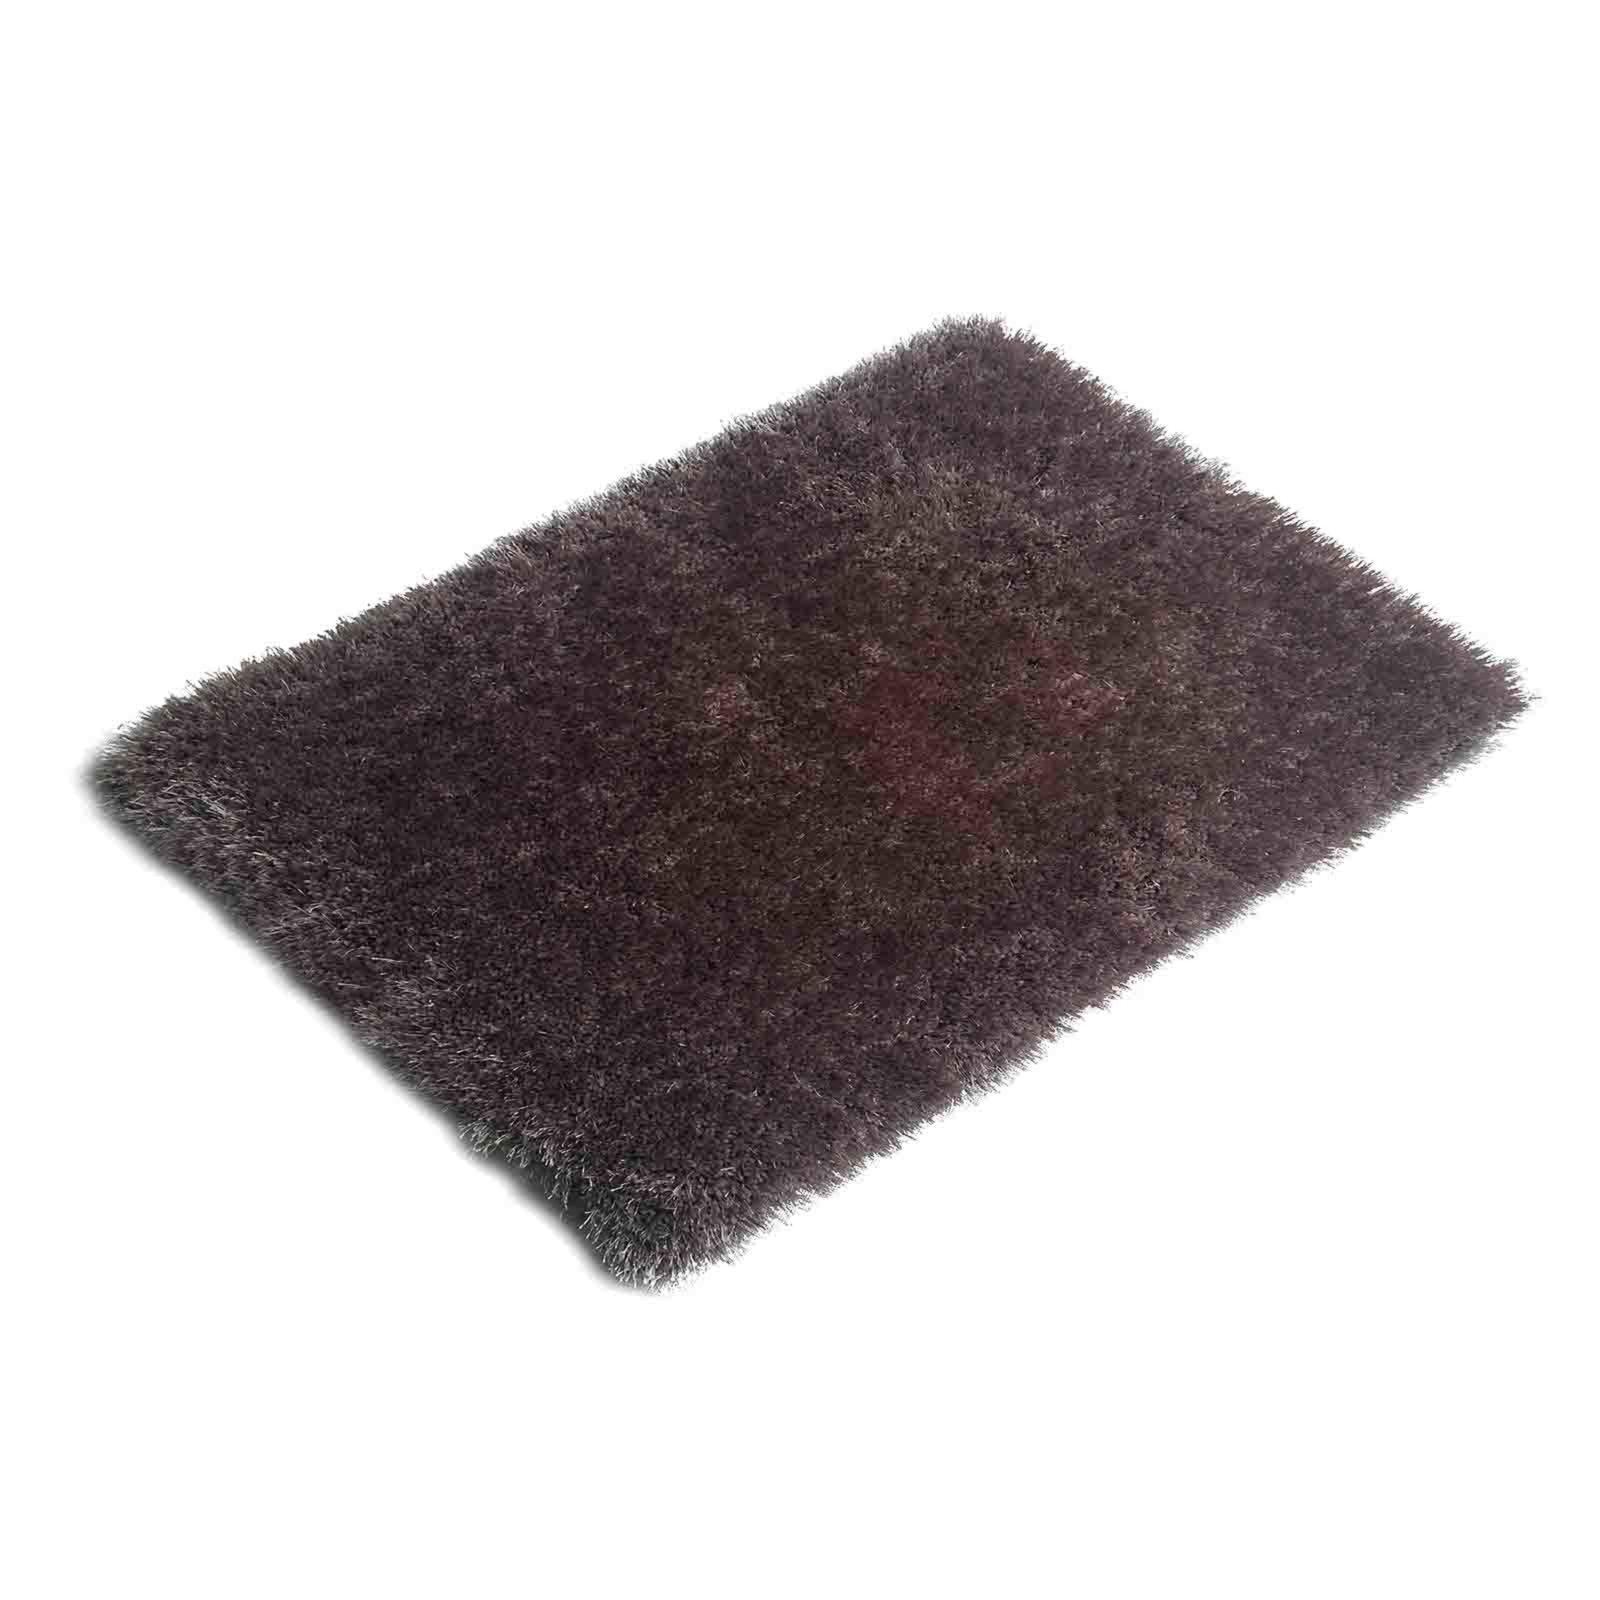 hochflor teppich frieda silber 160x230 cm hochflor shaggyteppiche teppiche l ufer. Black Bedroom Furniture Sets. Home Design Ideas